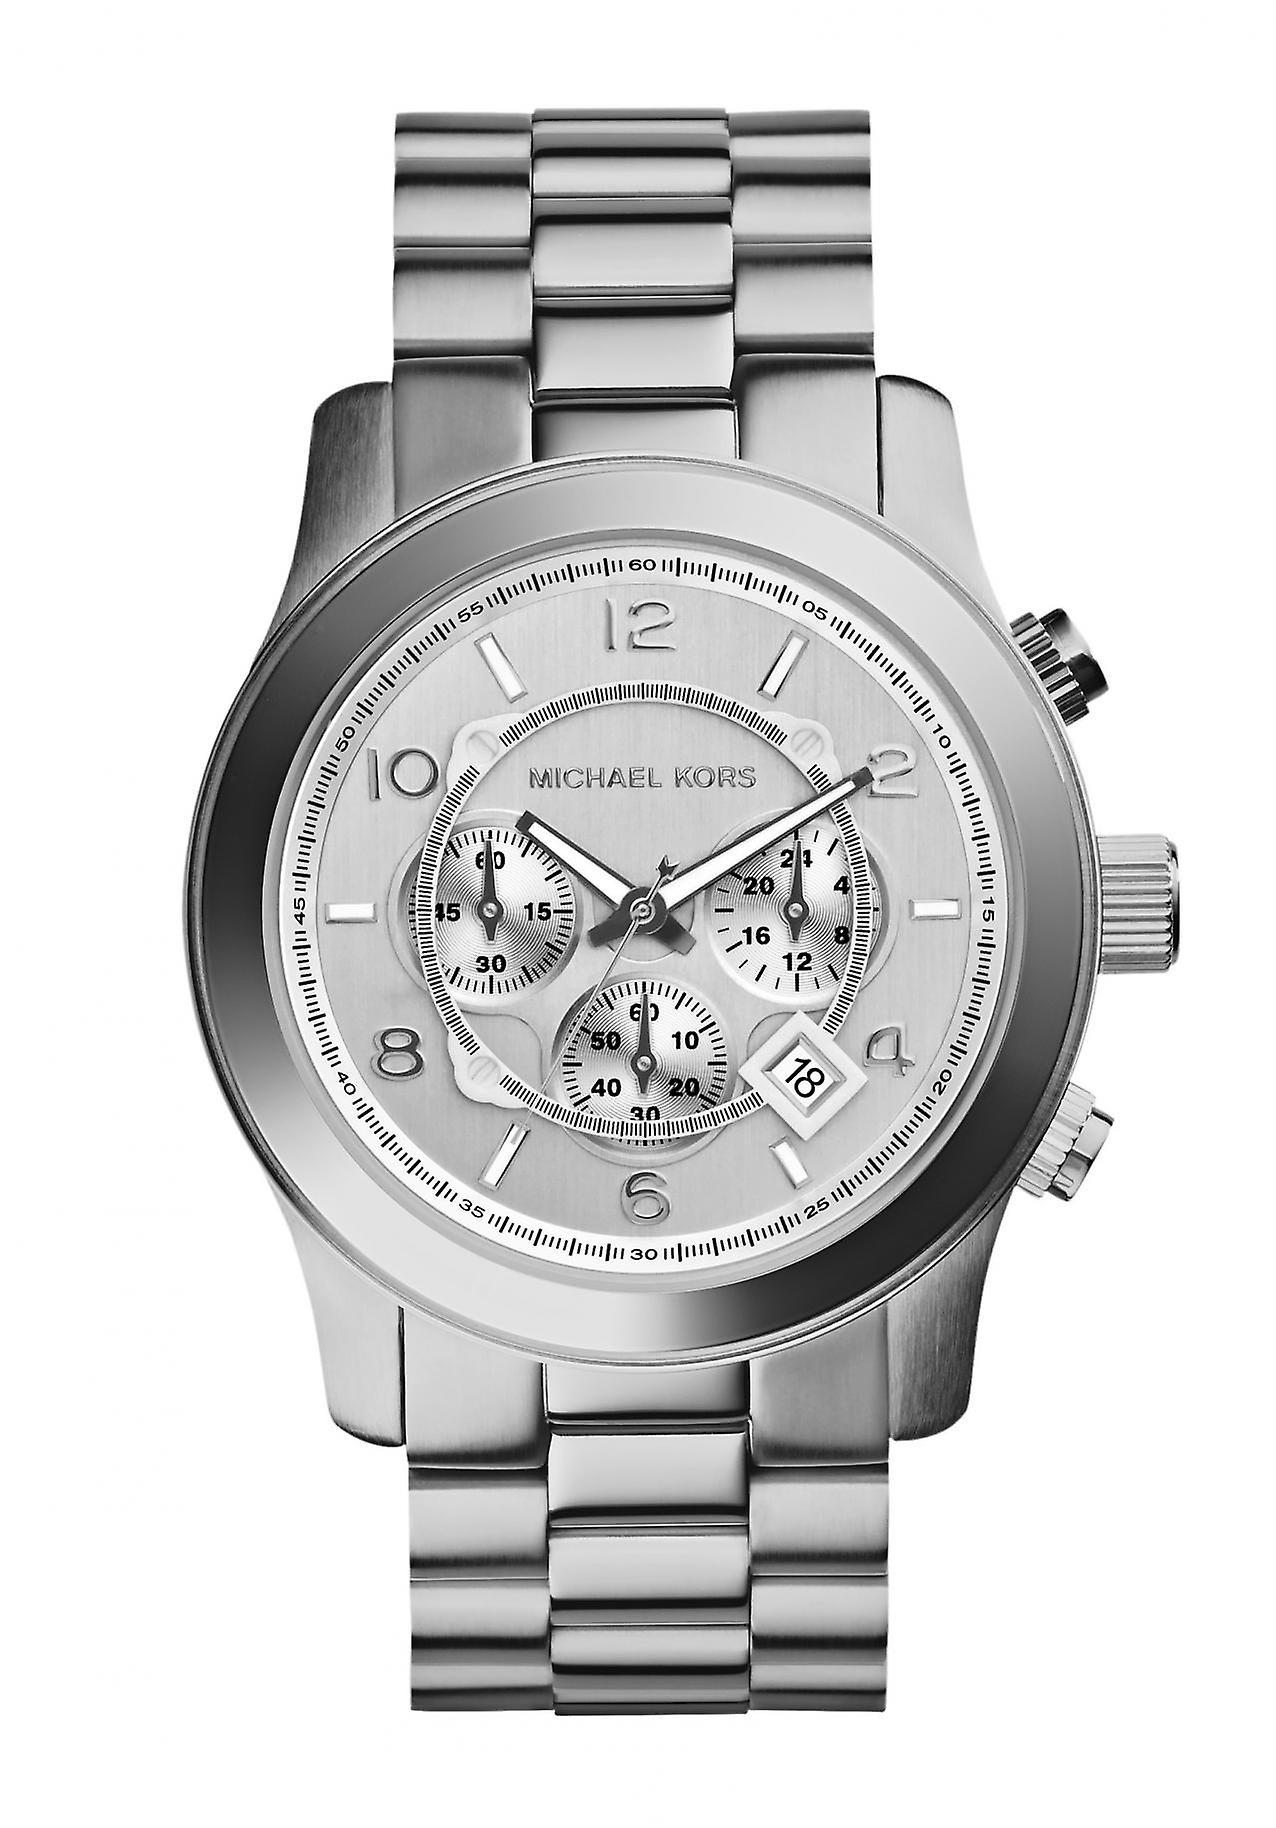 Michael Kors Herrenchronograph piste (MK8086)